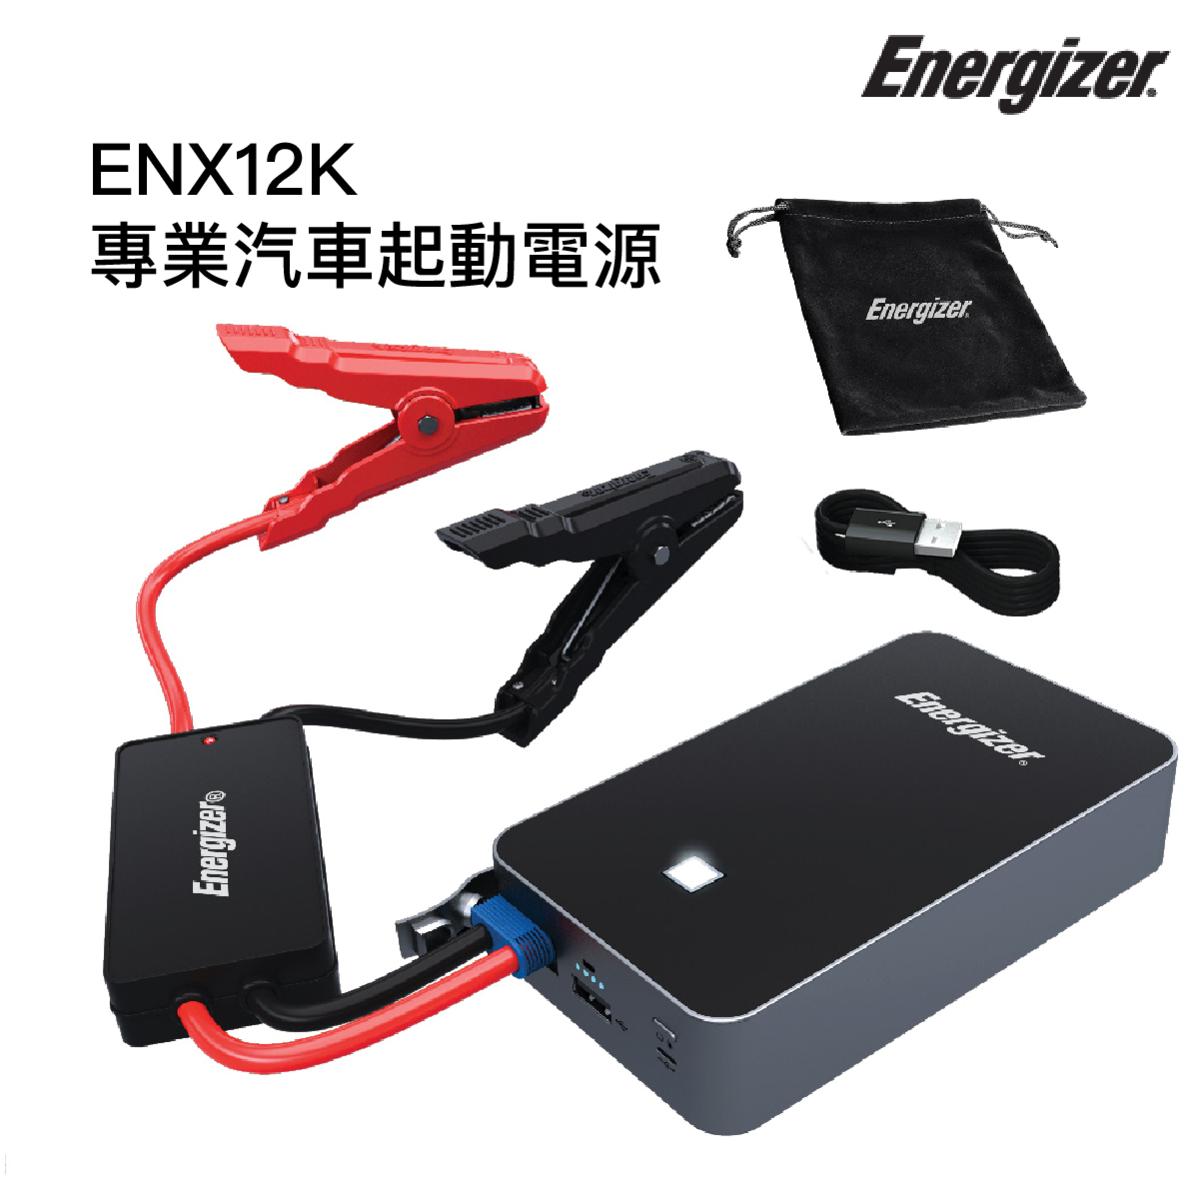 11100mAh Jump Starter ENX12K